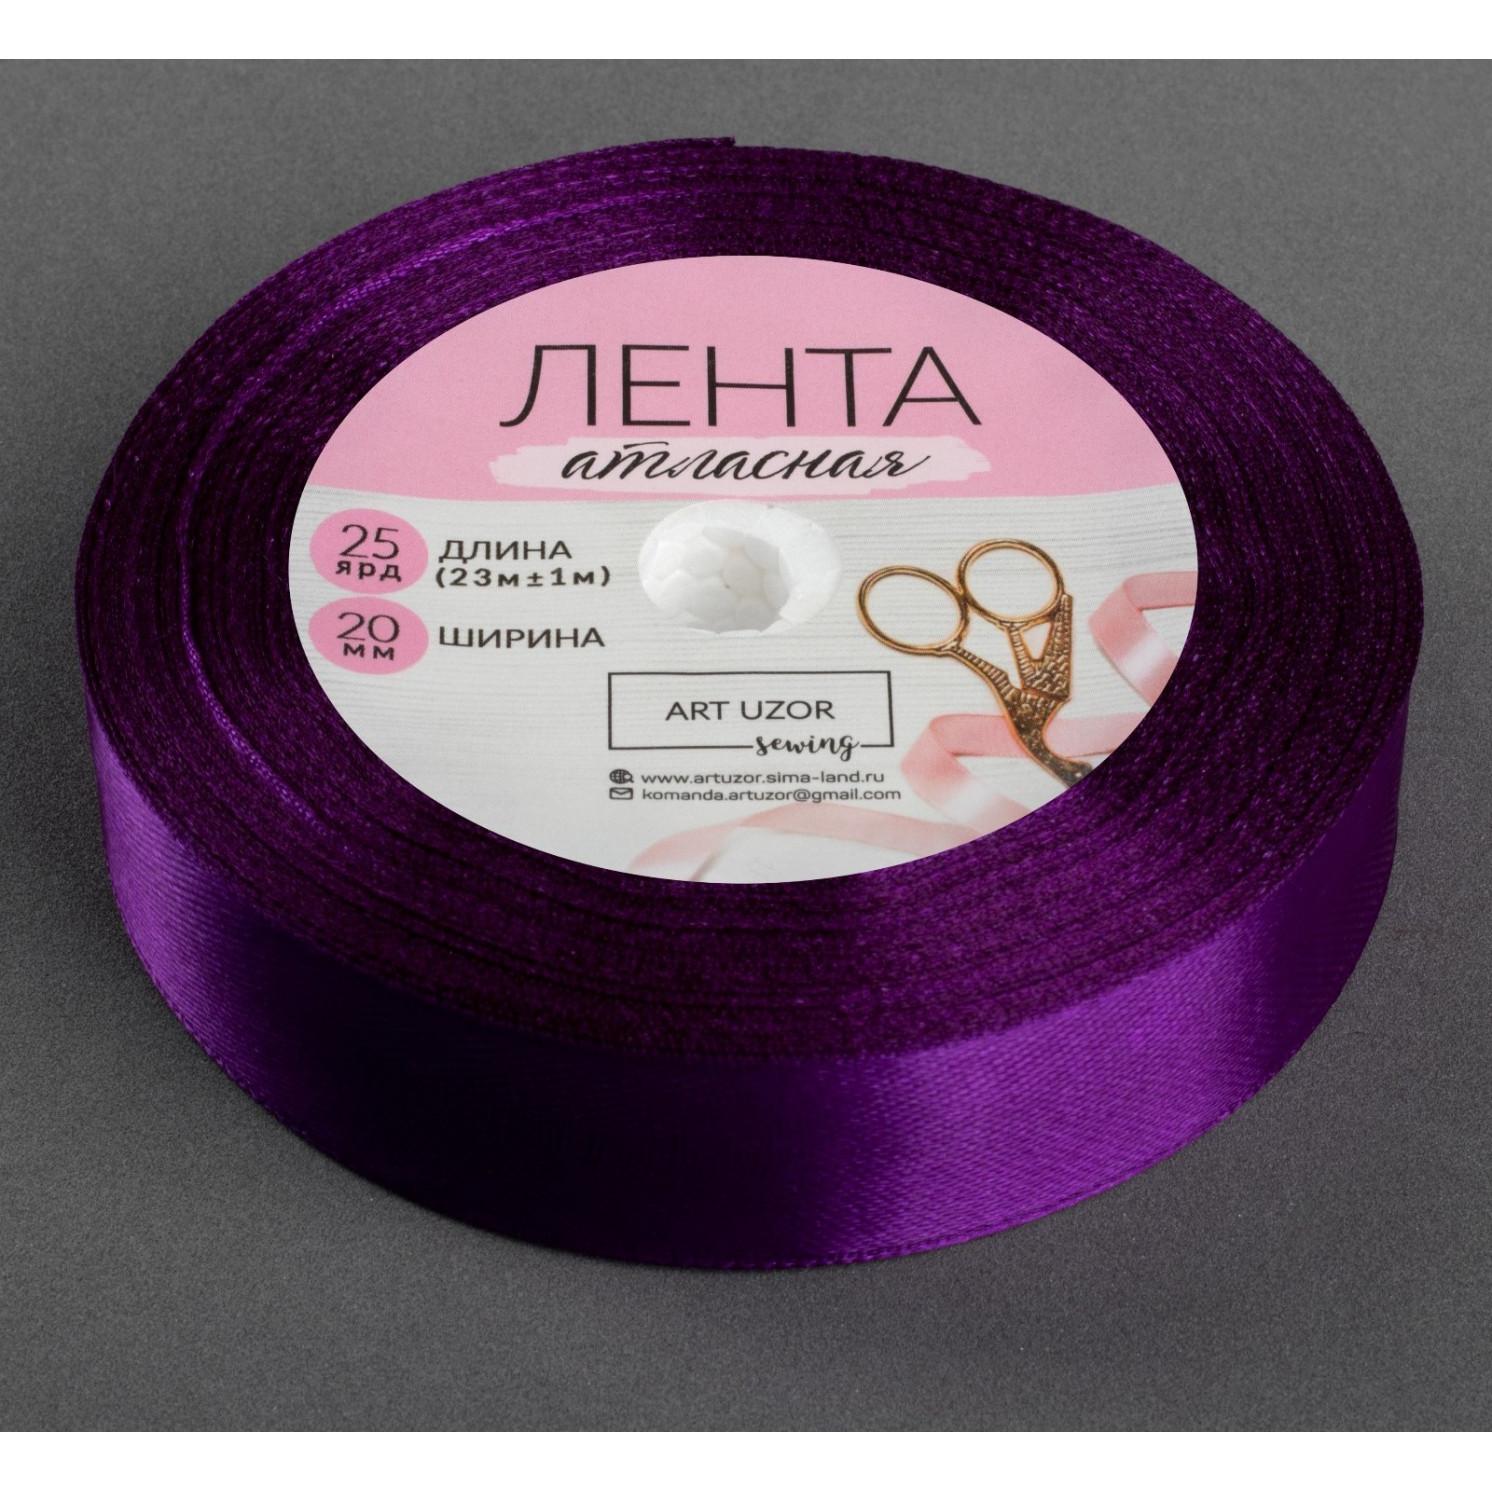 Лента атласная, 20 мм × 23 ± 1 м, цвет фиолетовый №46